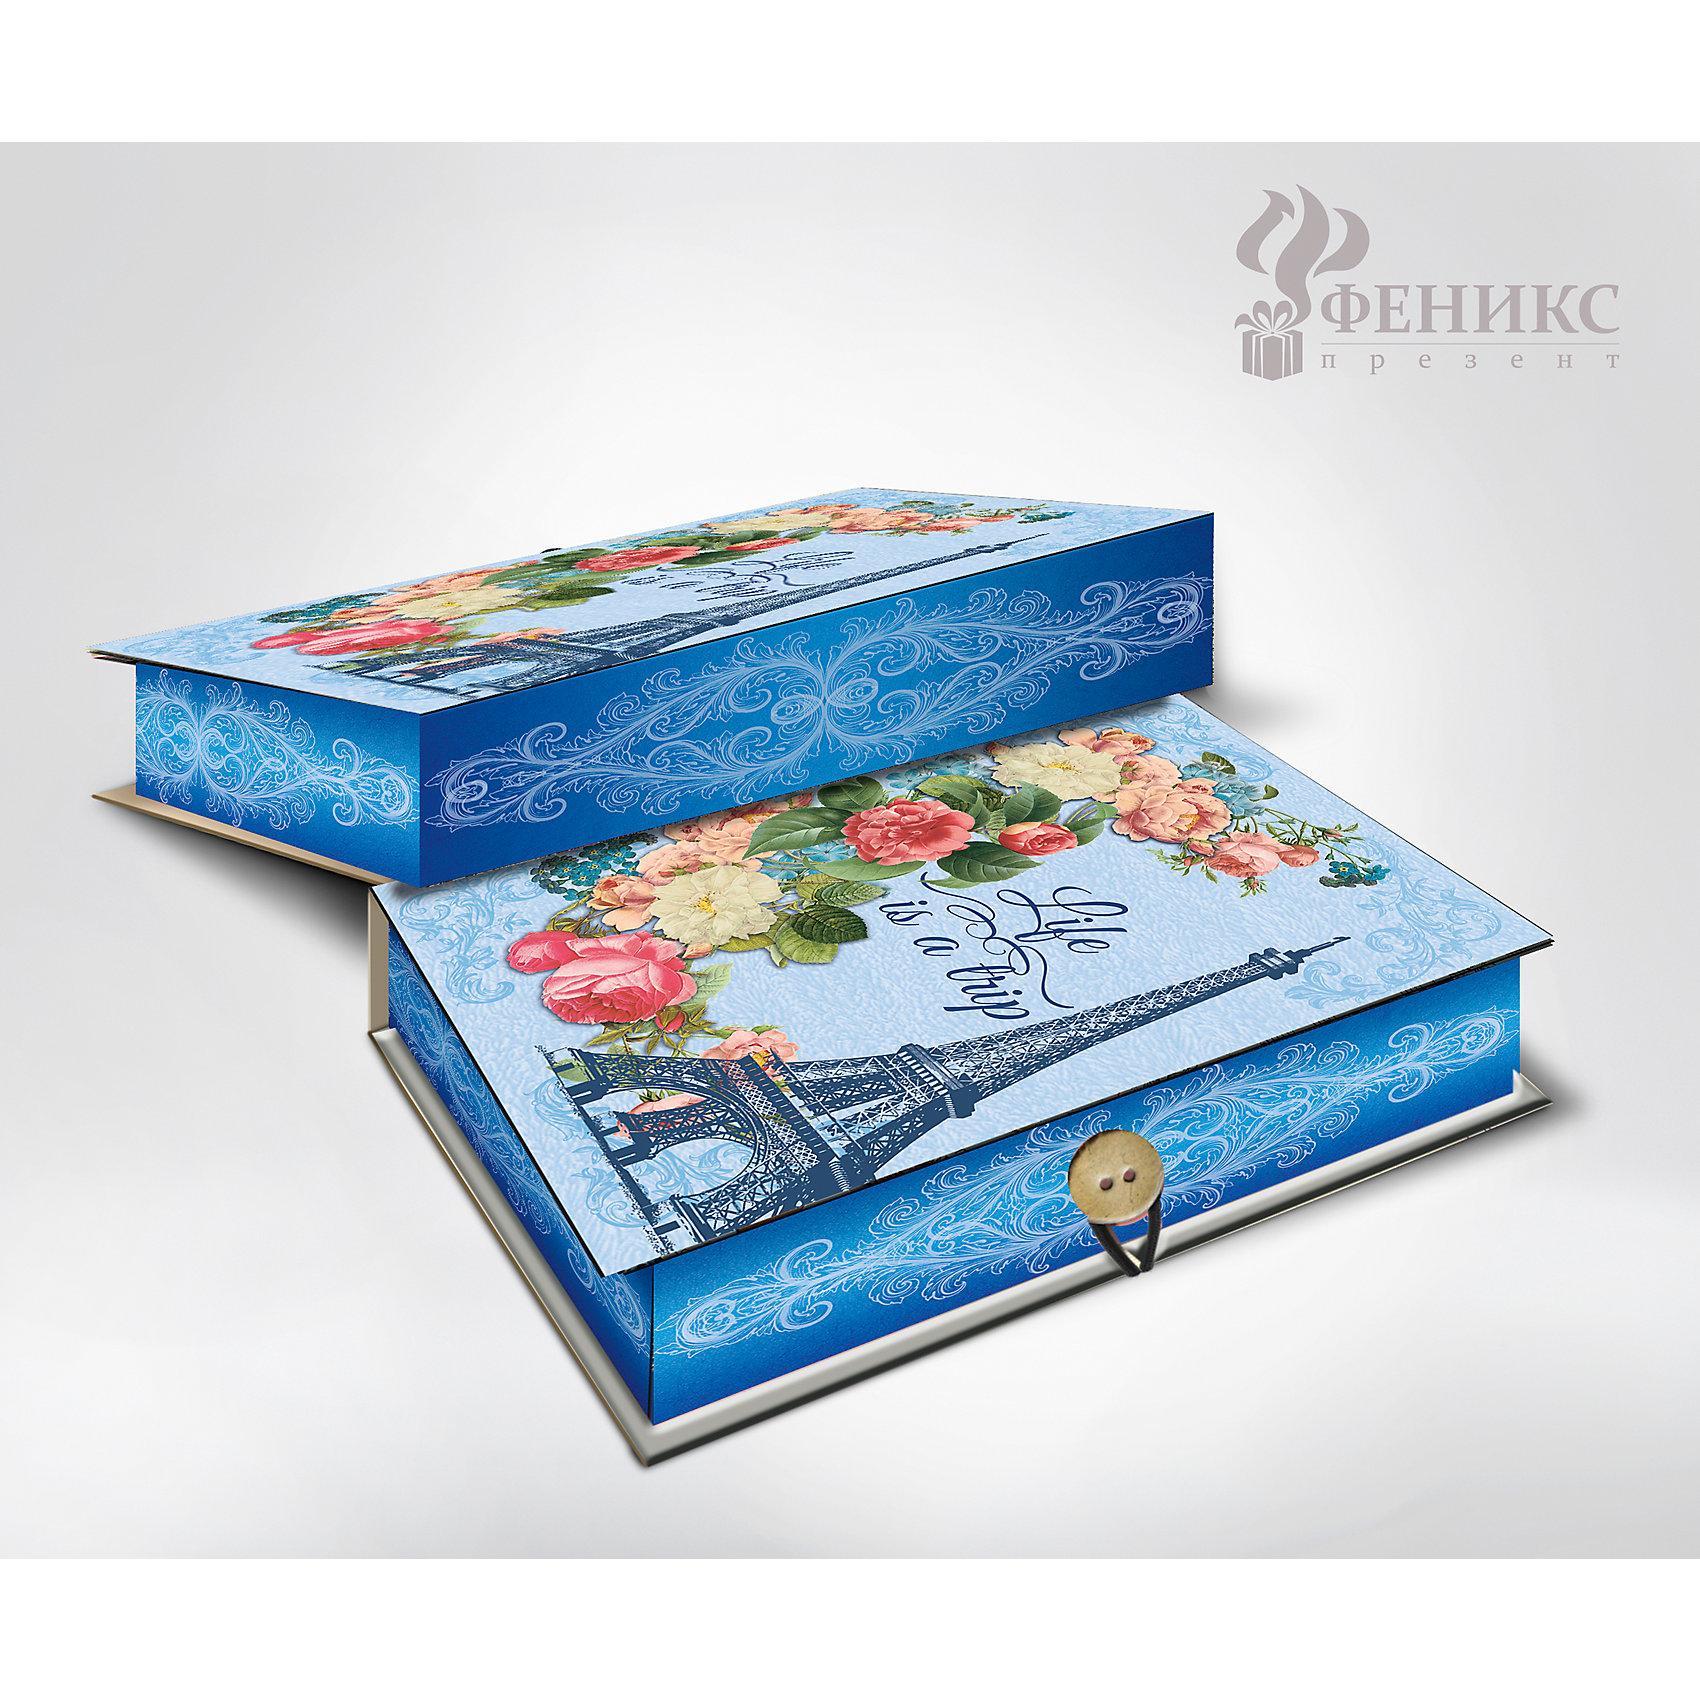 Коробка подарочная Апрельский Париж, Феникс-ПрезентПредметы интерьера<br>Коробка подарочная Апрельский Париж, Феникс-Презент<br><br>Характеристики:<br><br>• яркий дизайн<br>• застегивается на пуговицу<br>• рисунок с внутренней и наружной стороны<br>• изготовлена из мелованного, ламинированного негофрированного картона<br>• плотность: 1100 г/м2<br>• размер: 18х12х5 см<br><br>Красивая подарочная коробка - отличное дополнение к подарку. Подарочная коробка Апрельский Париж изготовлена из плотного ламинированного картона, декорированного изображением Эйфелевой башни, букета цветов и надписью Life is a trip. Застегивается на пуговицу. Подарочная коробка сделает подарок еще эффектнее!<br><br>Коробку подарочную Апрельский Париж, Феникс-Презент вы можете купить в нашем интернет-магазине.<br><br>Ширина мм: 180<br>Глубина мм: 120<br>Высота мм: 50<br>Вес г: 113<br>Возраст от месяцев: 36<br>Возраст до месяцев: 2147483647<br>Пол: Унисекс<br>Возраст: Детский<br>SKU: 5449636